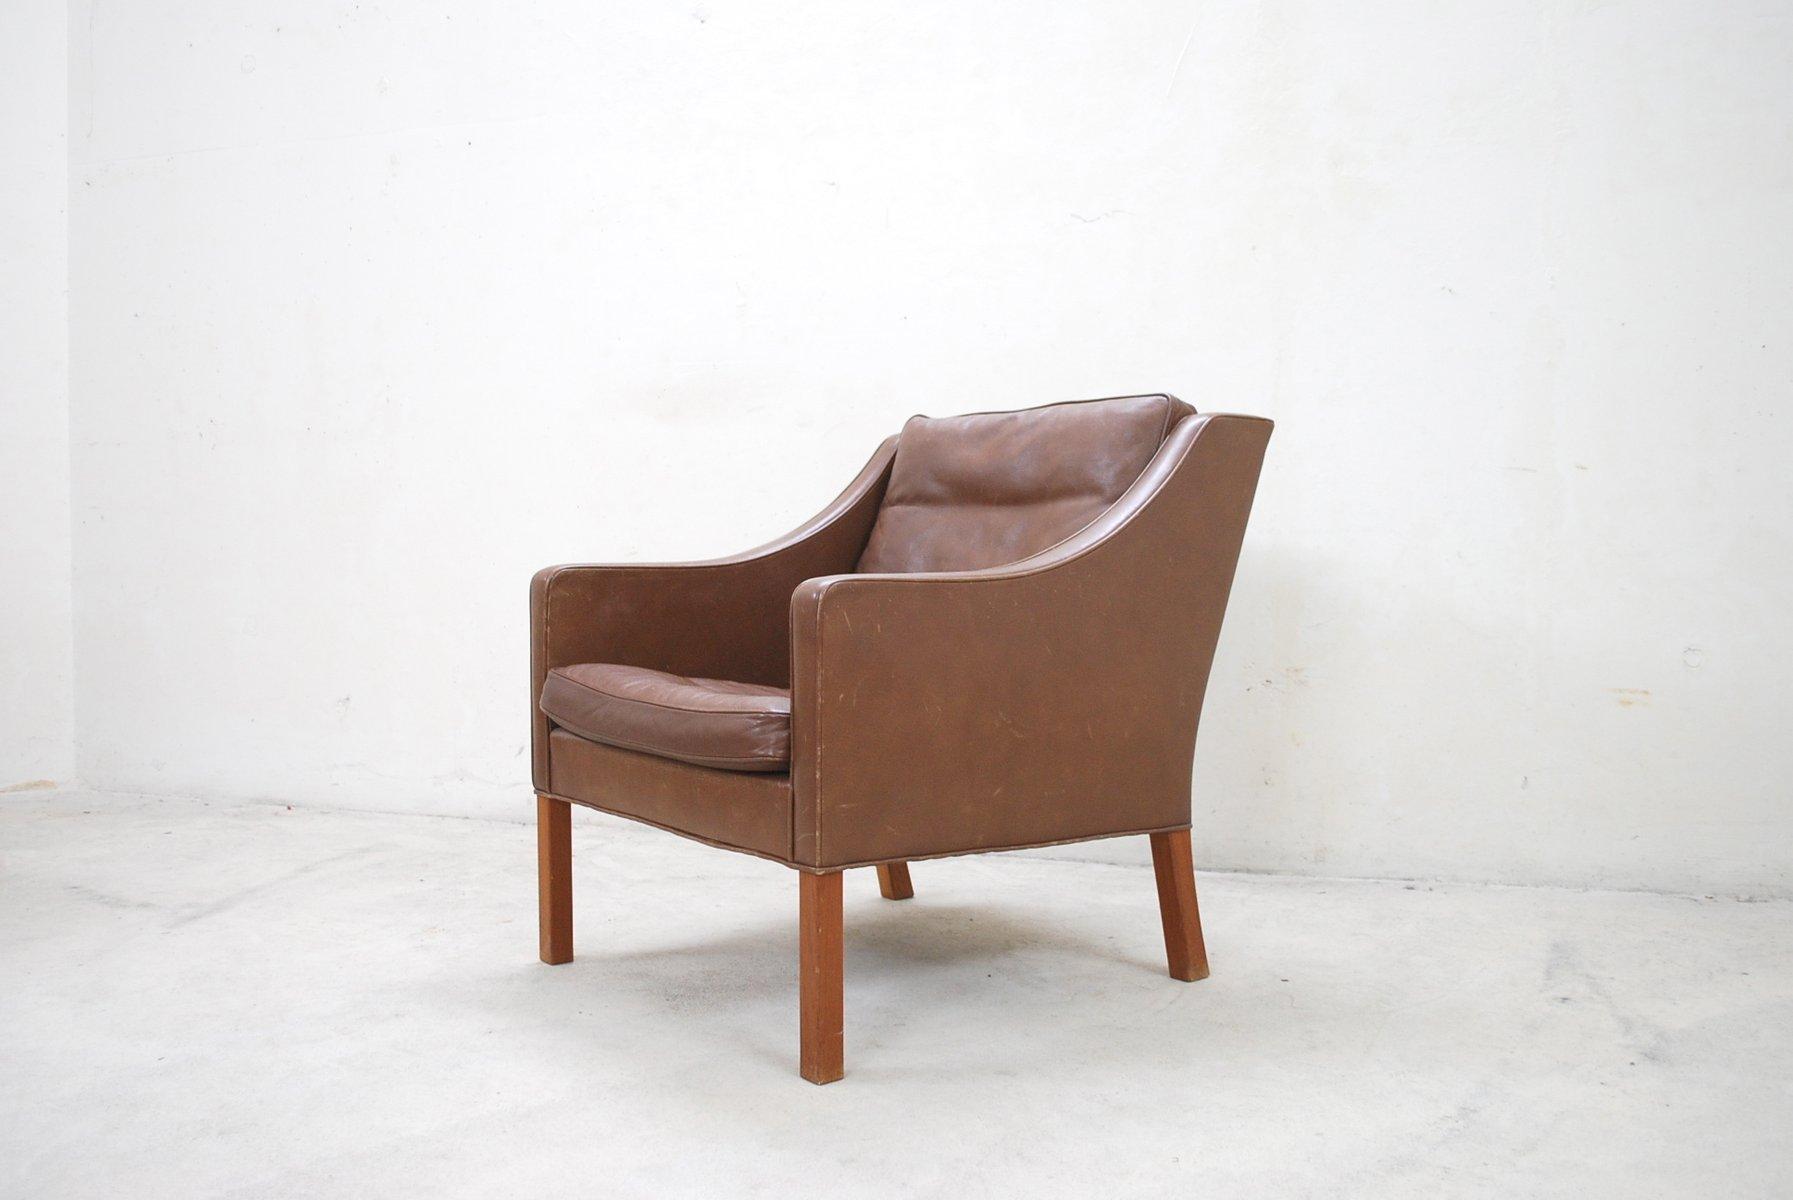 braune vintage 2207 lounge st hle von b rge mogensen f r. Black Bedroom Furniture Sets. Home Design Ideas